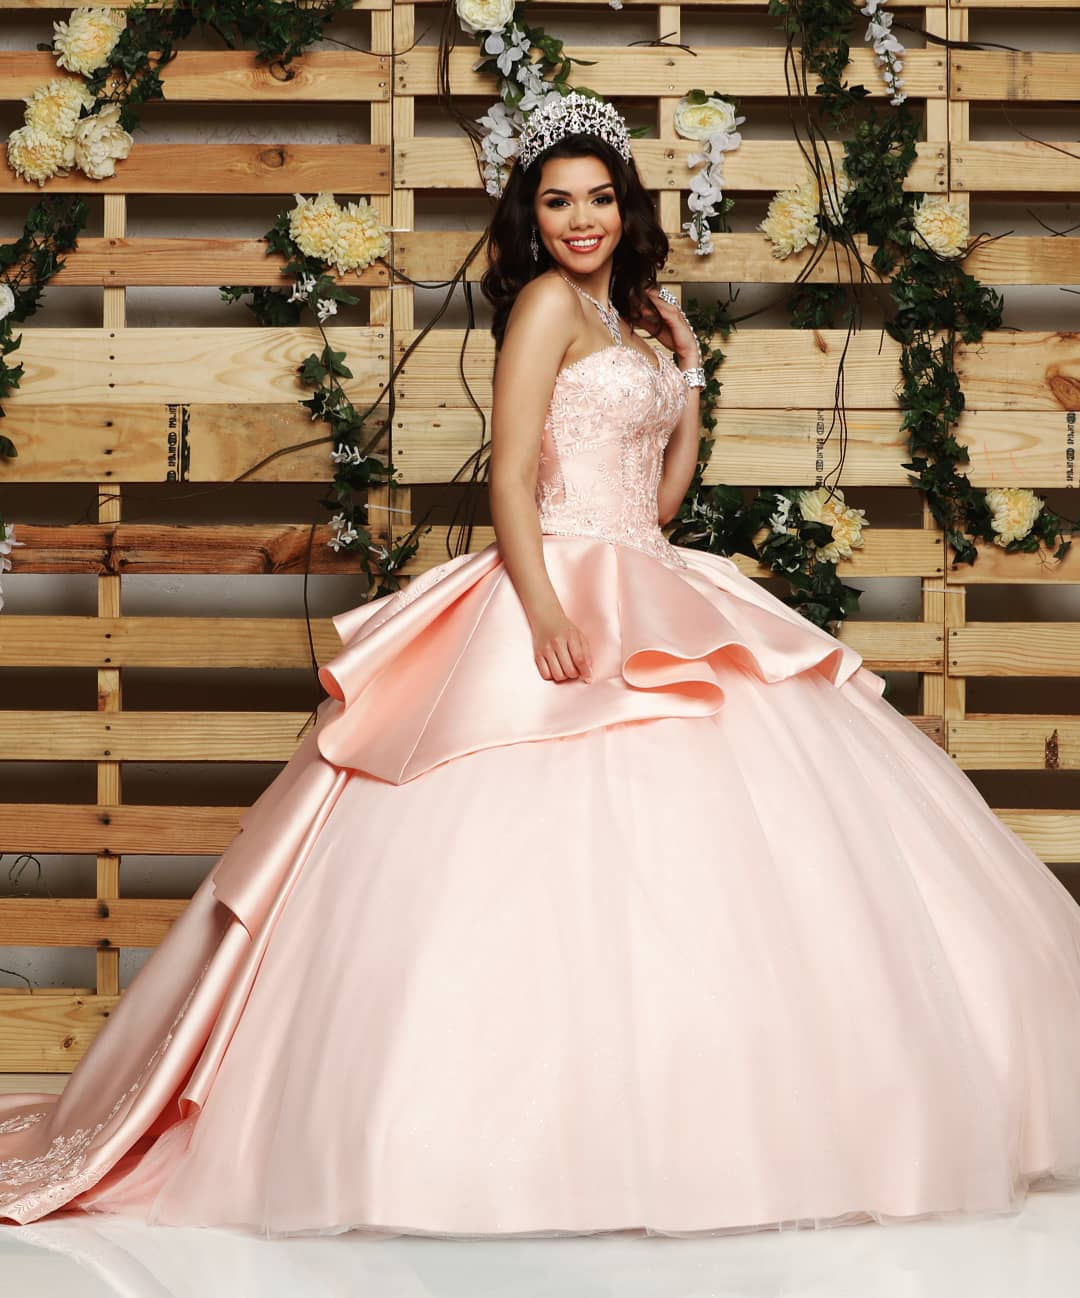 7eadd9381 La nueva colección de vestidos de quinceañera 2019 - 2020